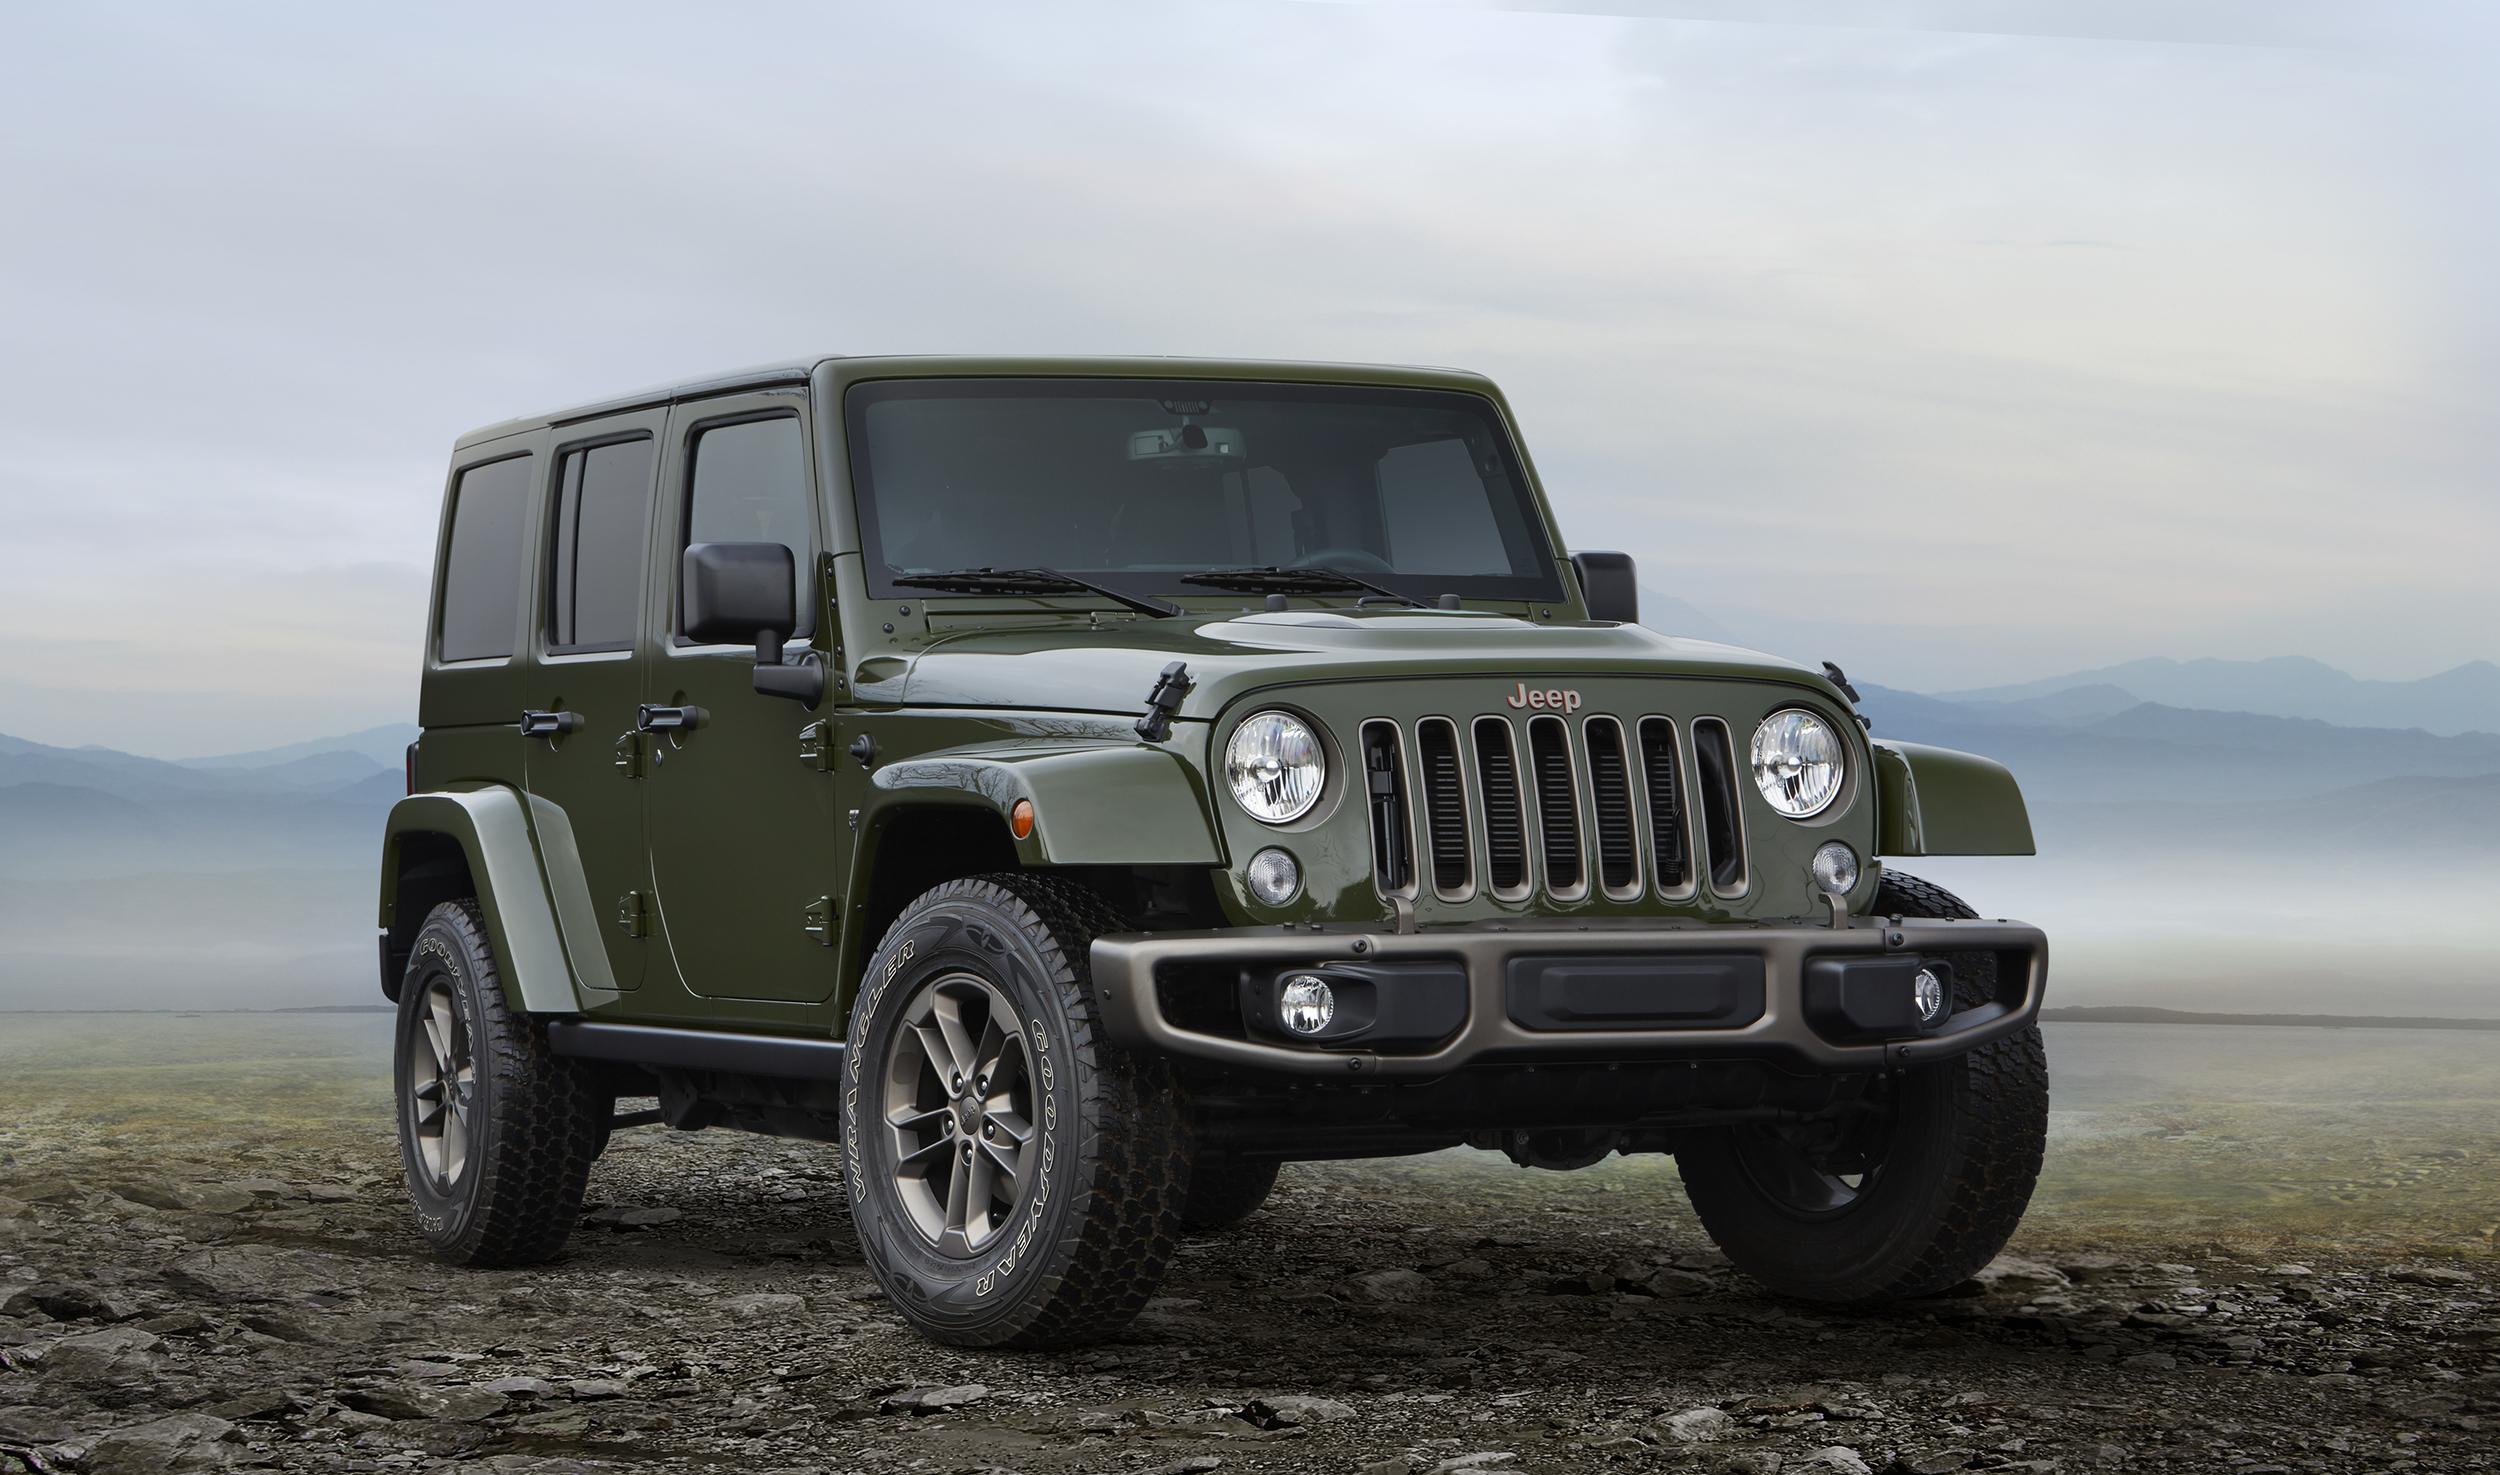 1.05 billones para renovar plantas de Jeep